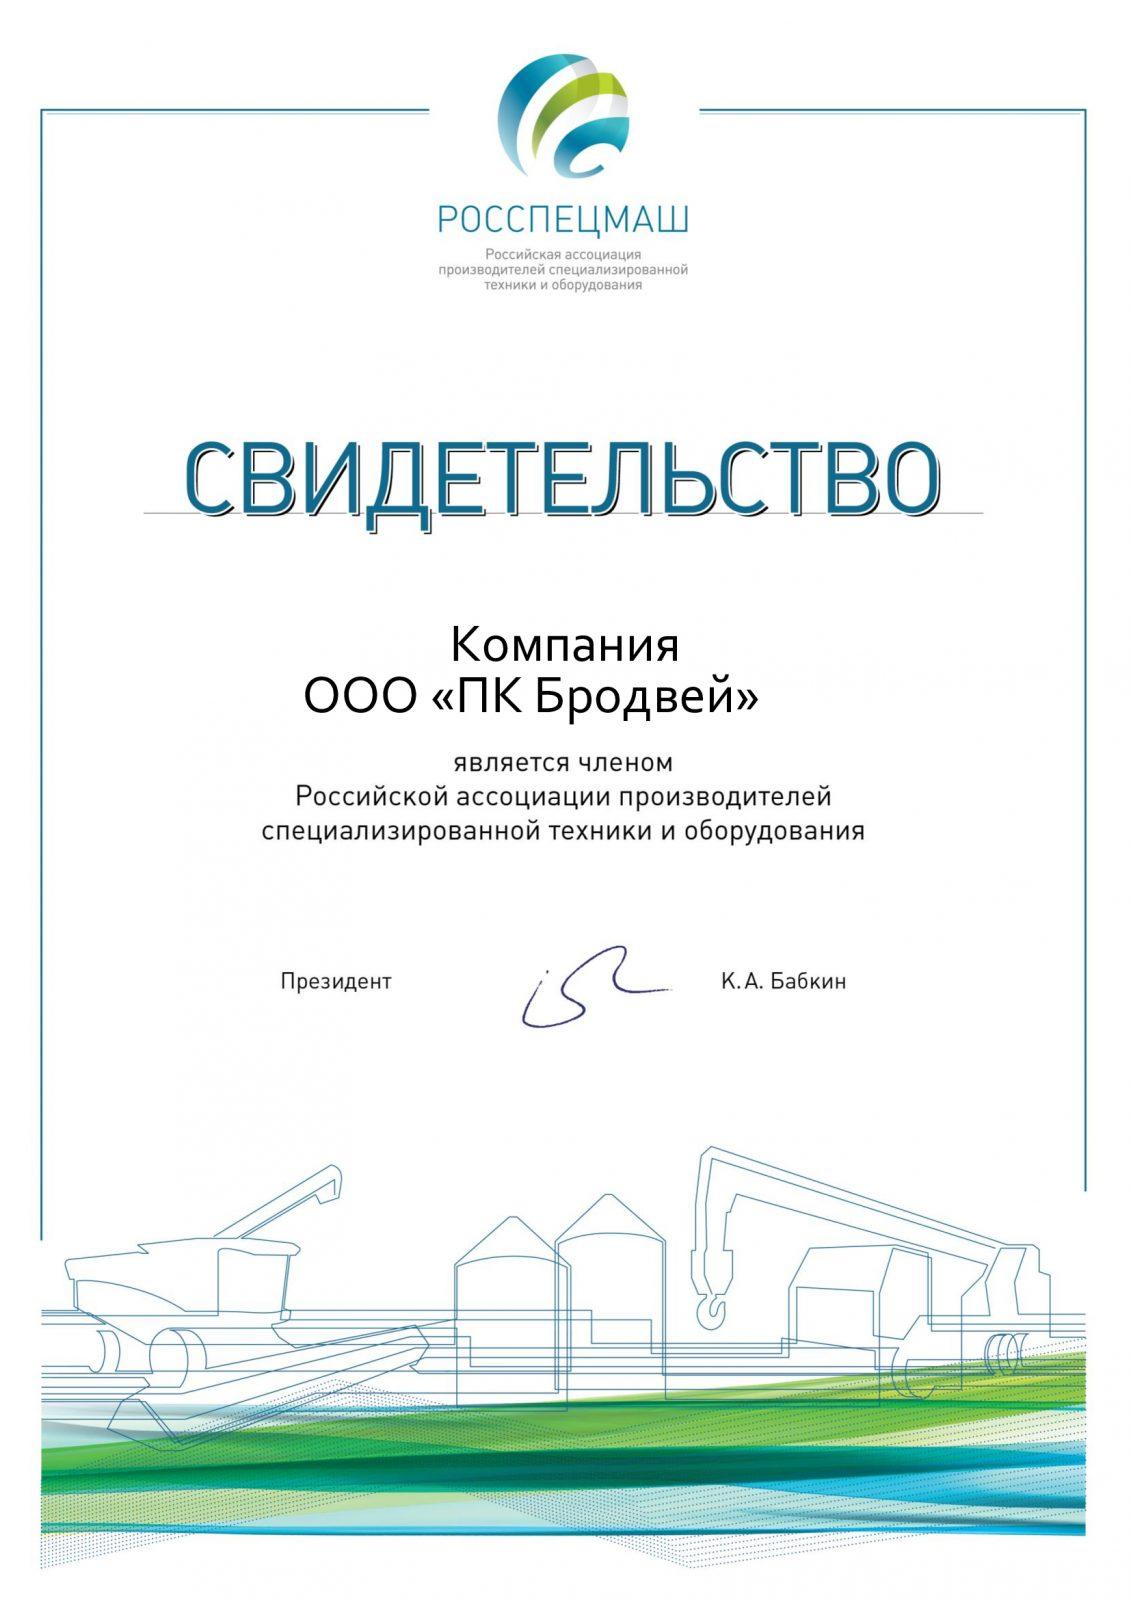 Наша компания стала членом Ассоциации Росспецмаш